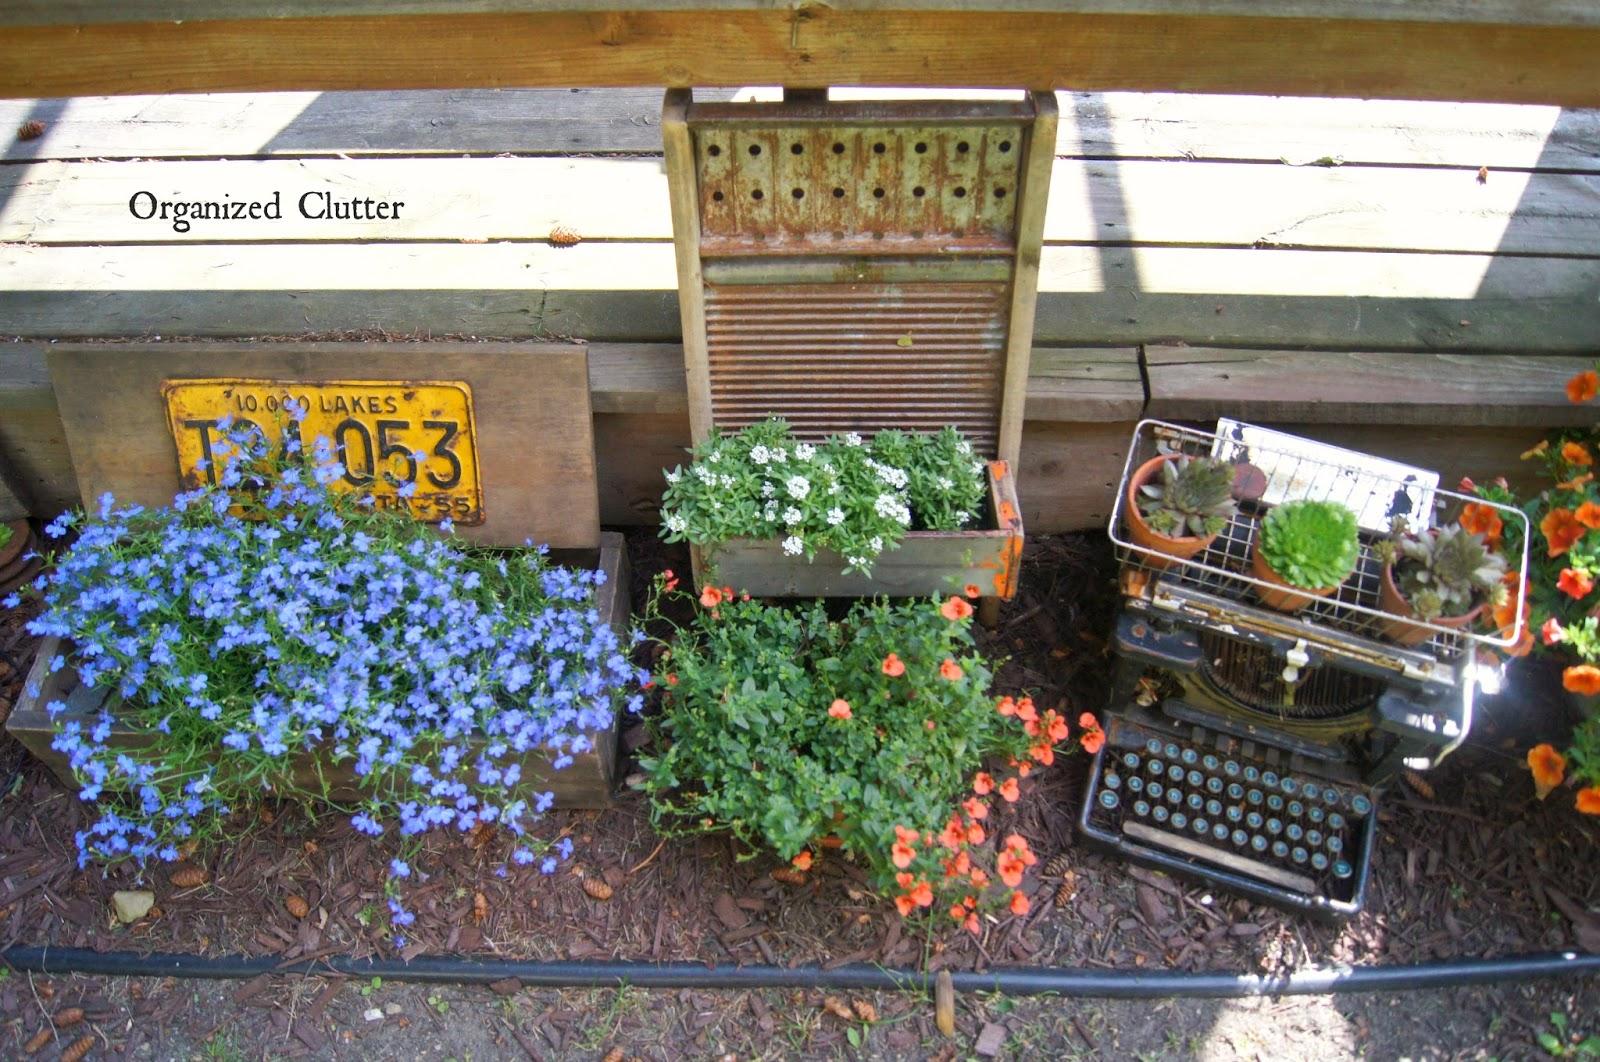 Junk Garden Vignette www.organizedclutterqueen.blogspot.com